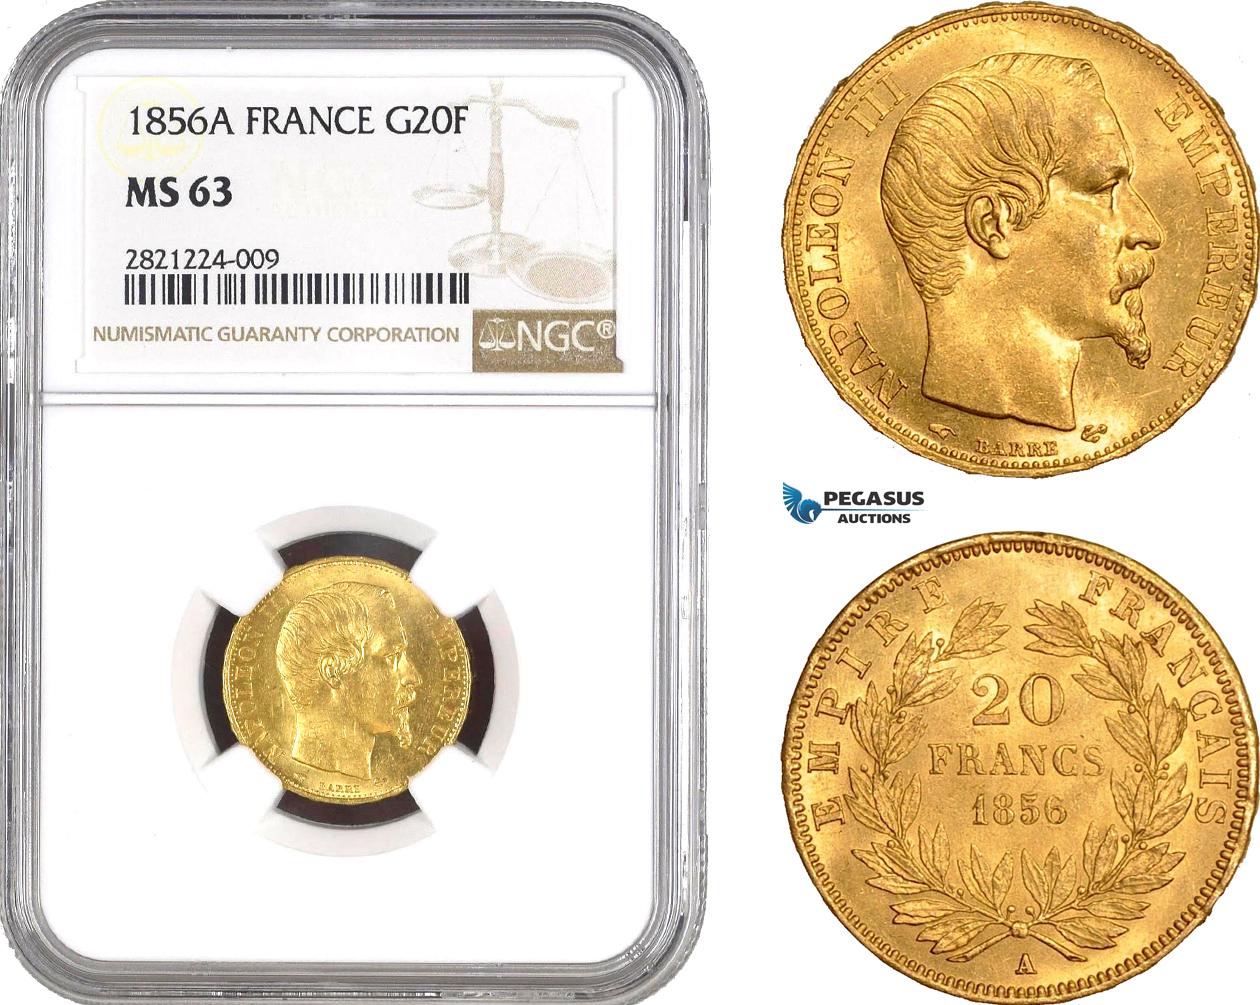 AB795, France, Napoleon III, 20 Francs 1856-A, Paris, Gold